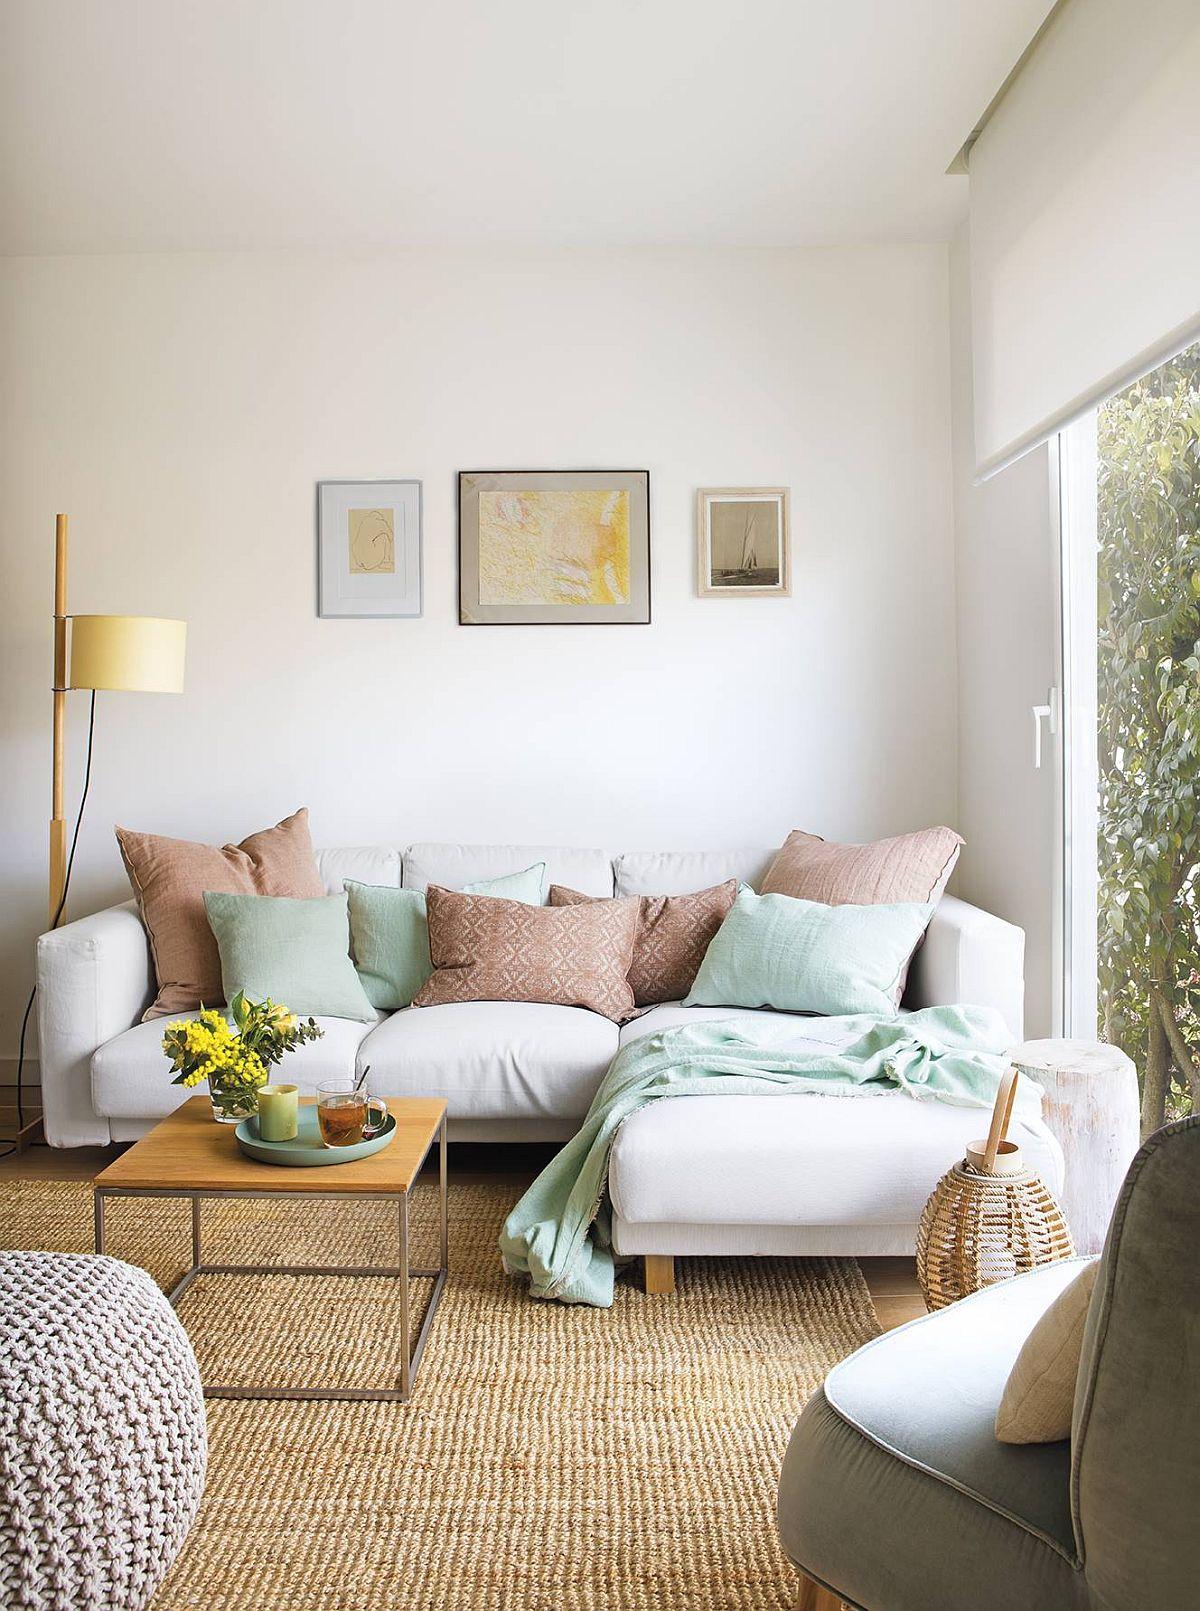 Cu perne decorative și cîteva tablouri sunt asigurate petele de culoare în zona de canapea, unde suprafețele mari sunt o combinație de alb și texturi naturale.